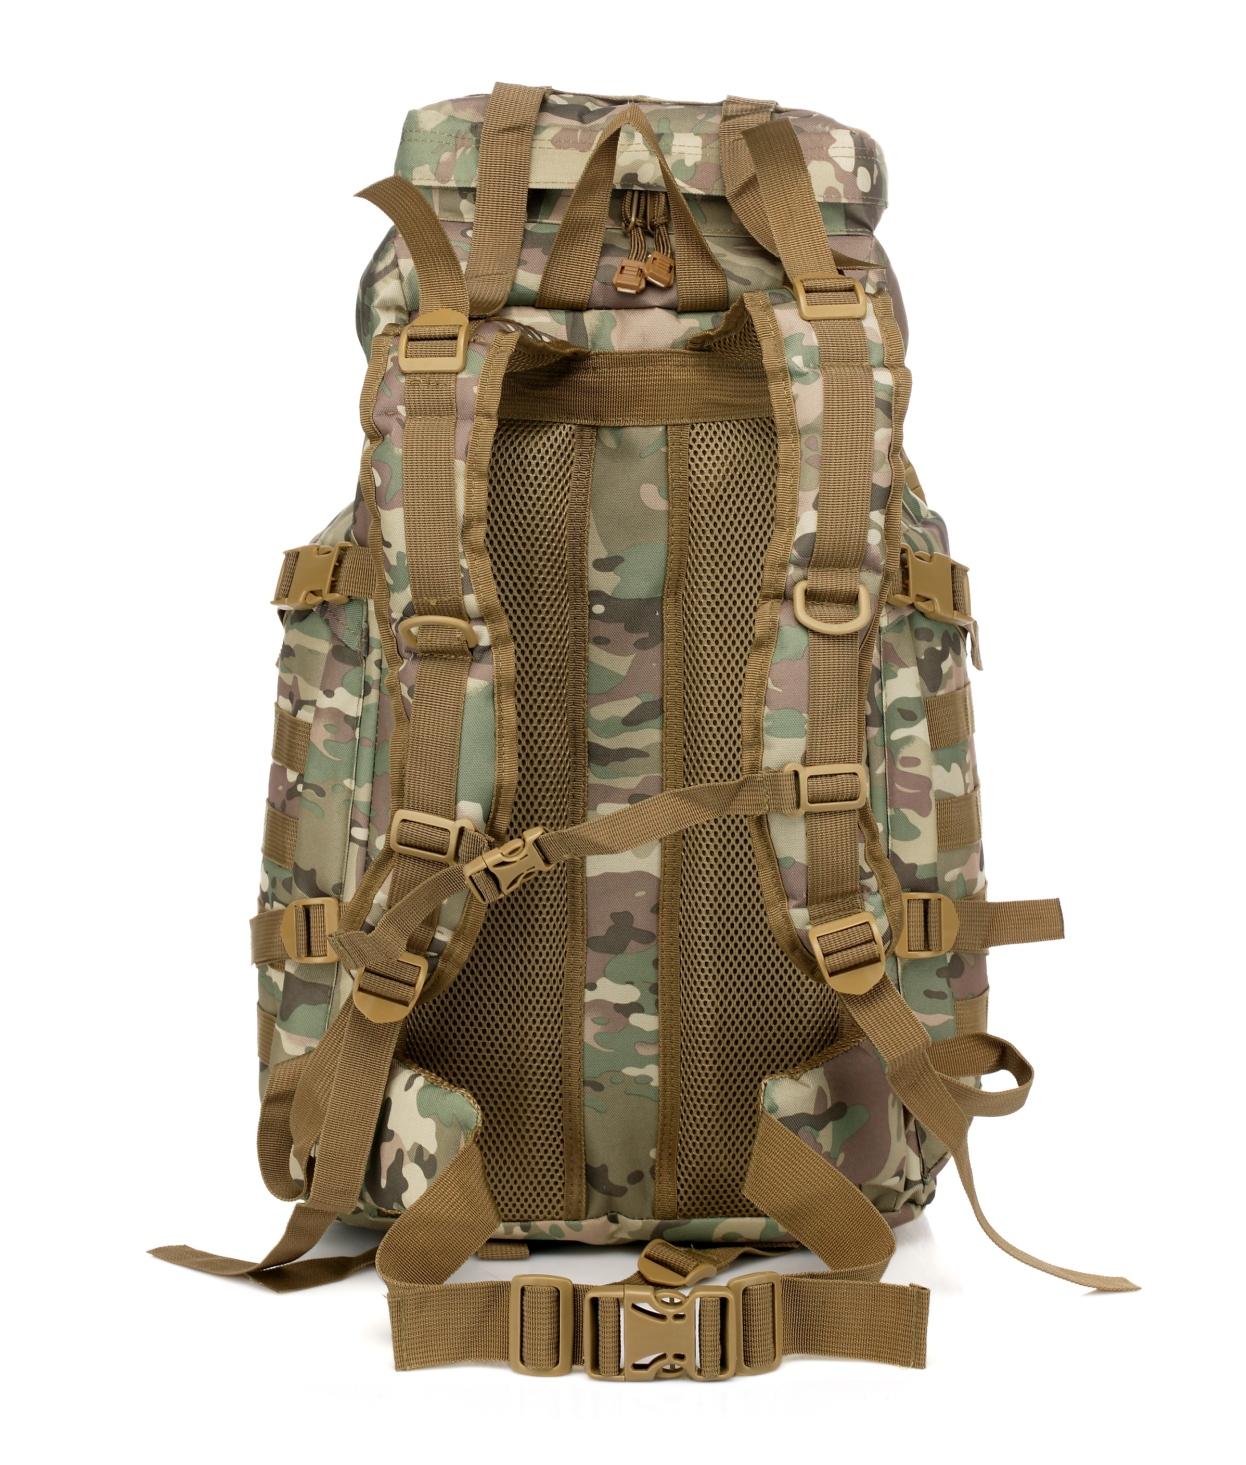 Тактический рюкзак для похода в лес MOLLE по выгодной цене